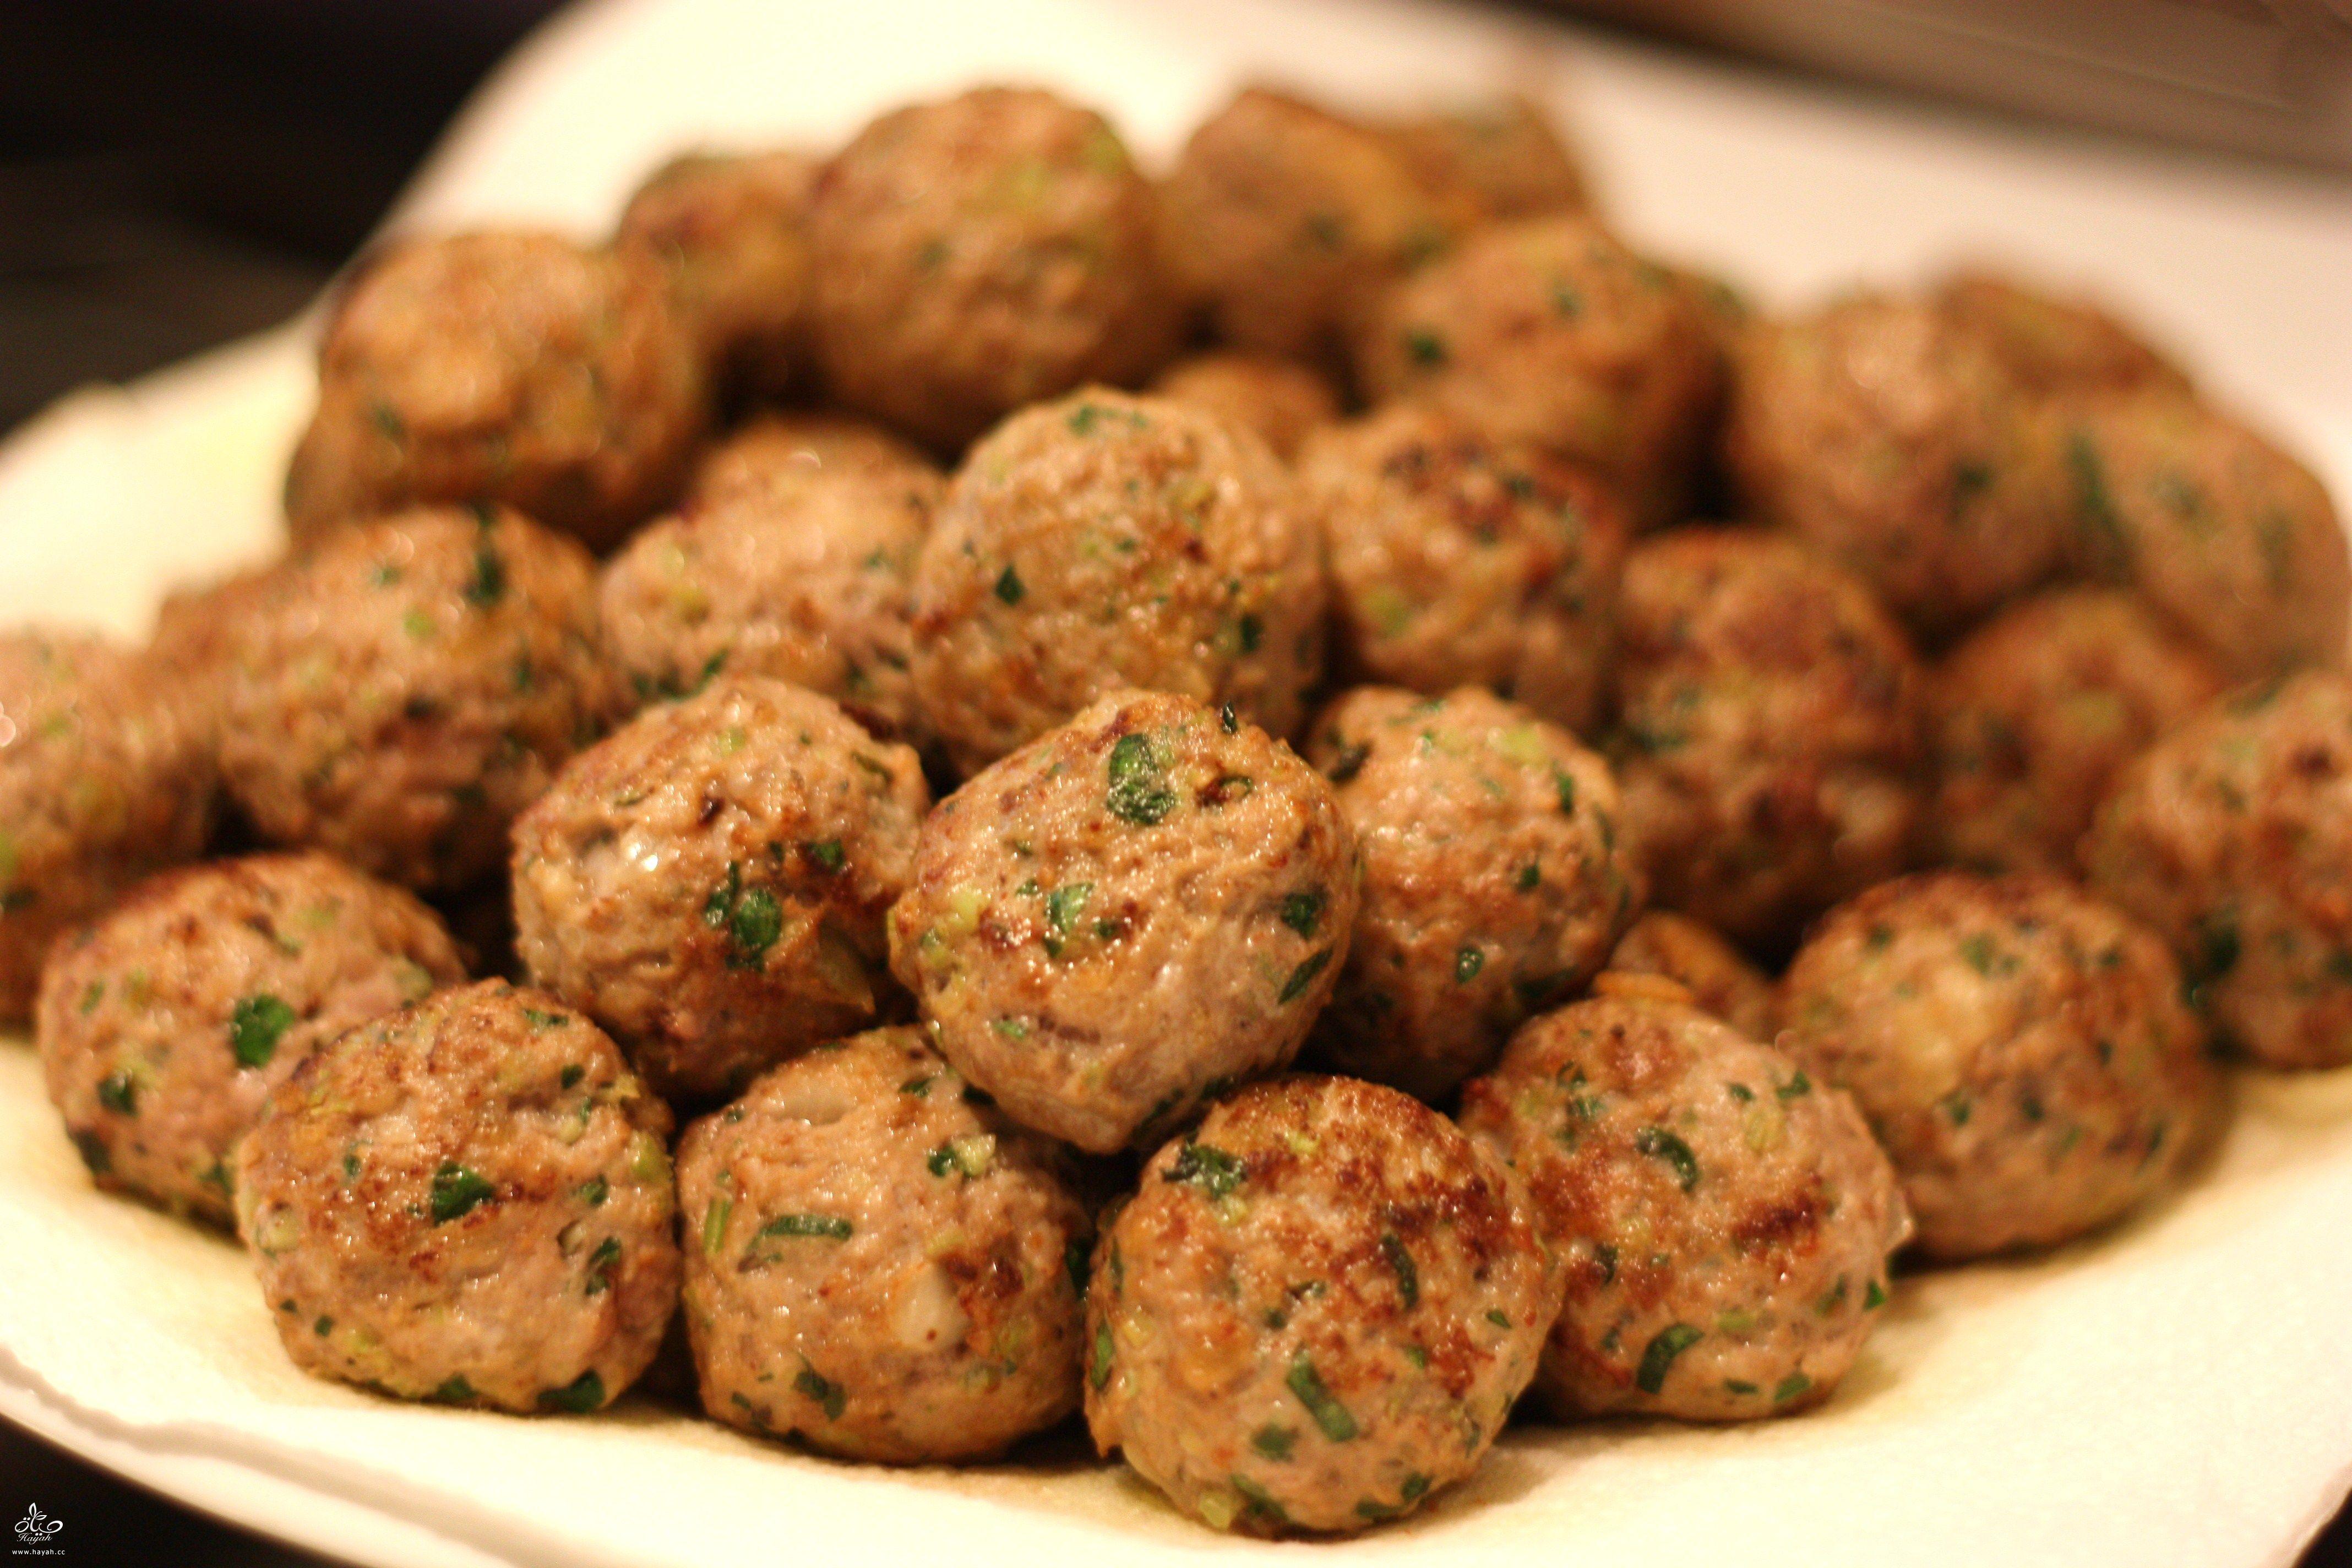 وصفة رمضانية: مكرونة بكرات اللحم والخضار المشوية اللذيذة hayahcc_1496138267_618.jpg